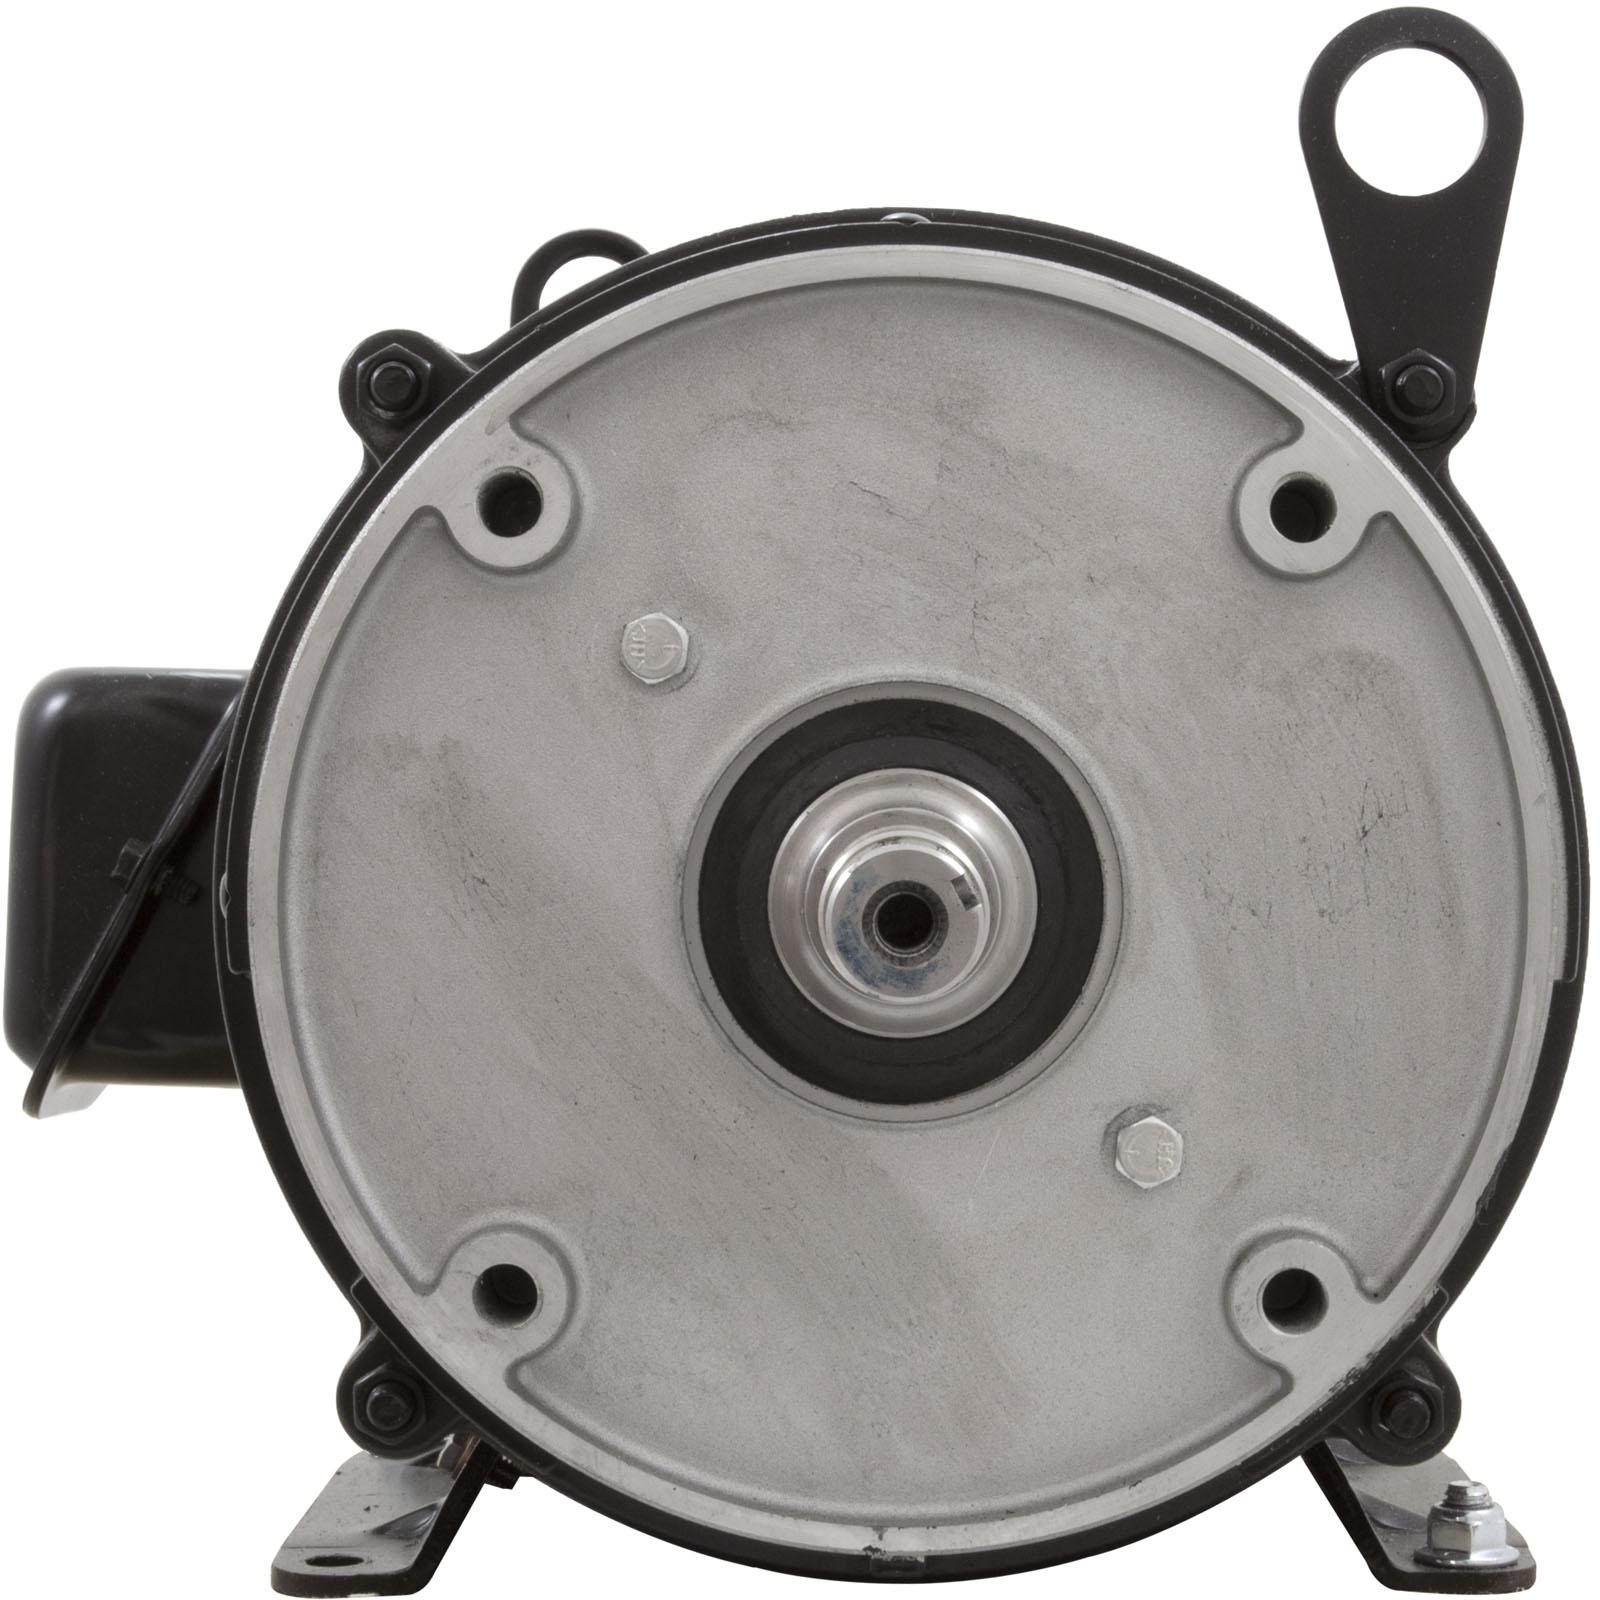 Motor, US Motor, 5.0 Horsepower, 230v, Single Phase | eBay